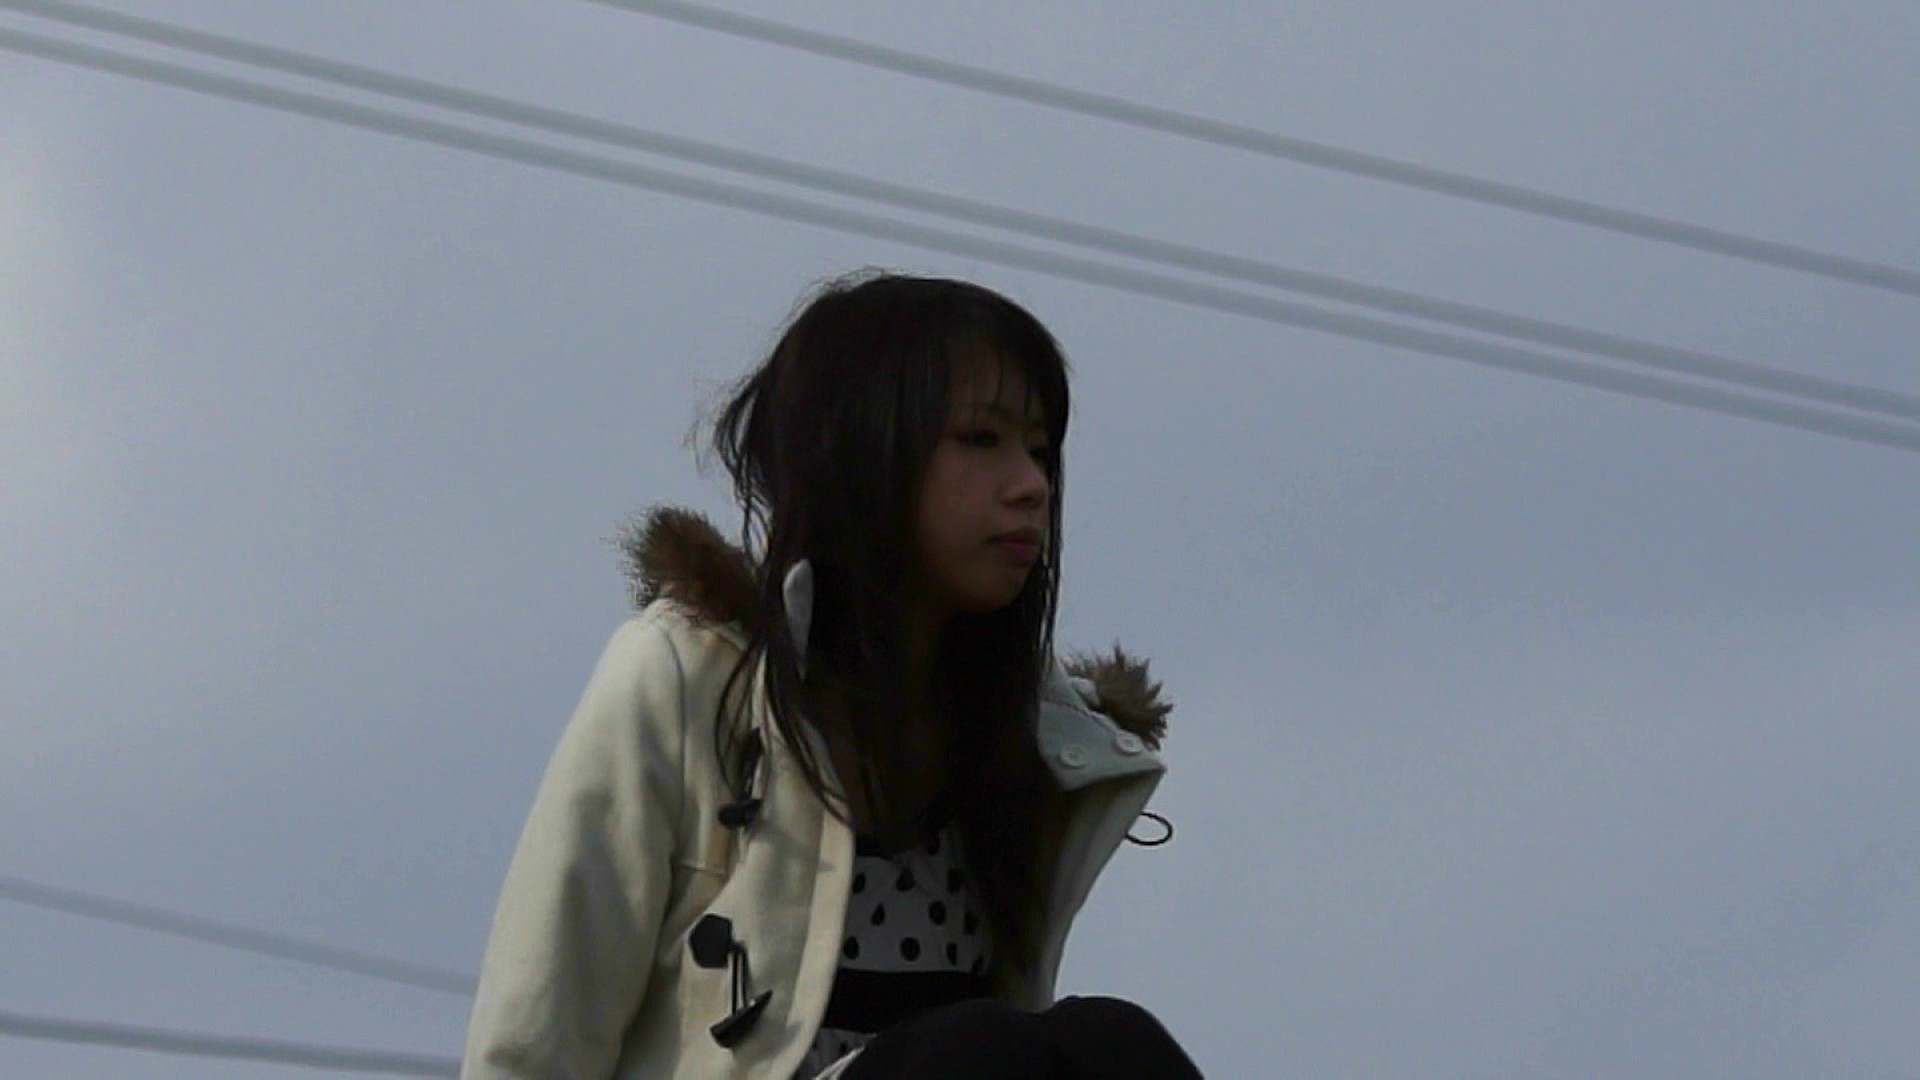 vol.2 自宅近く思い出の地で黄昏る志穂さん お姉さん攻略  83画像 51